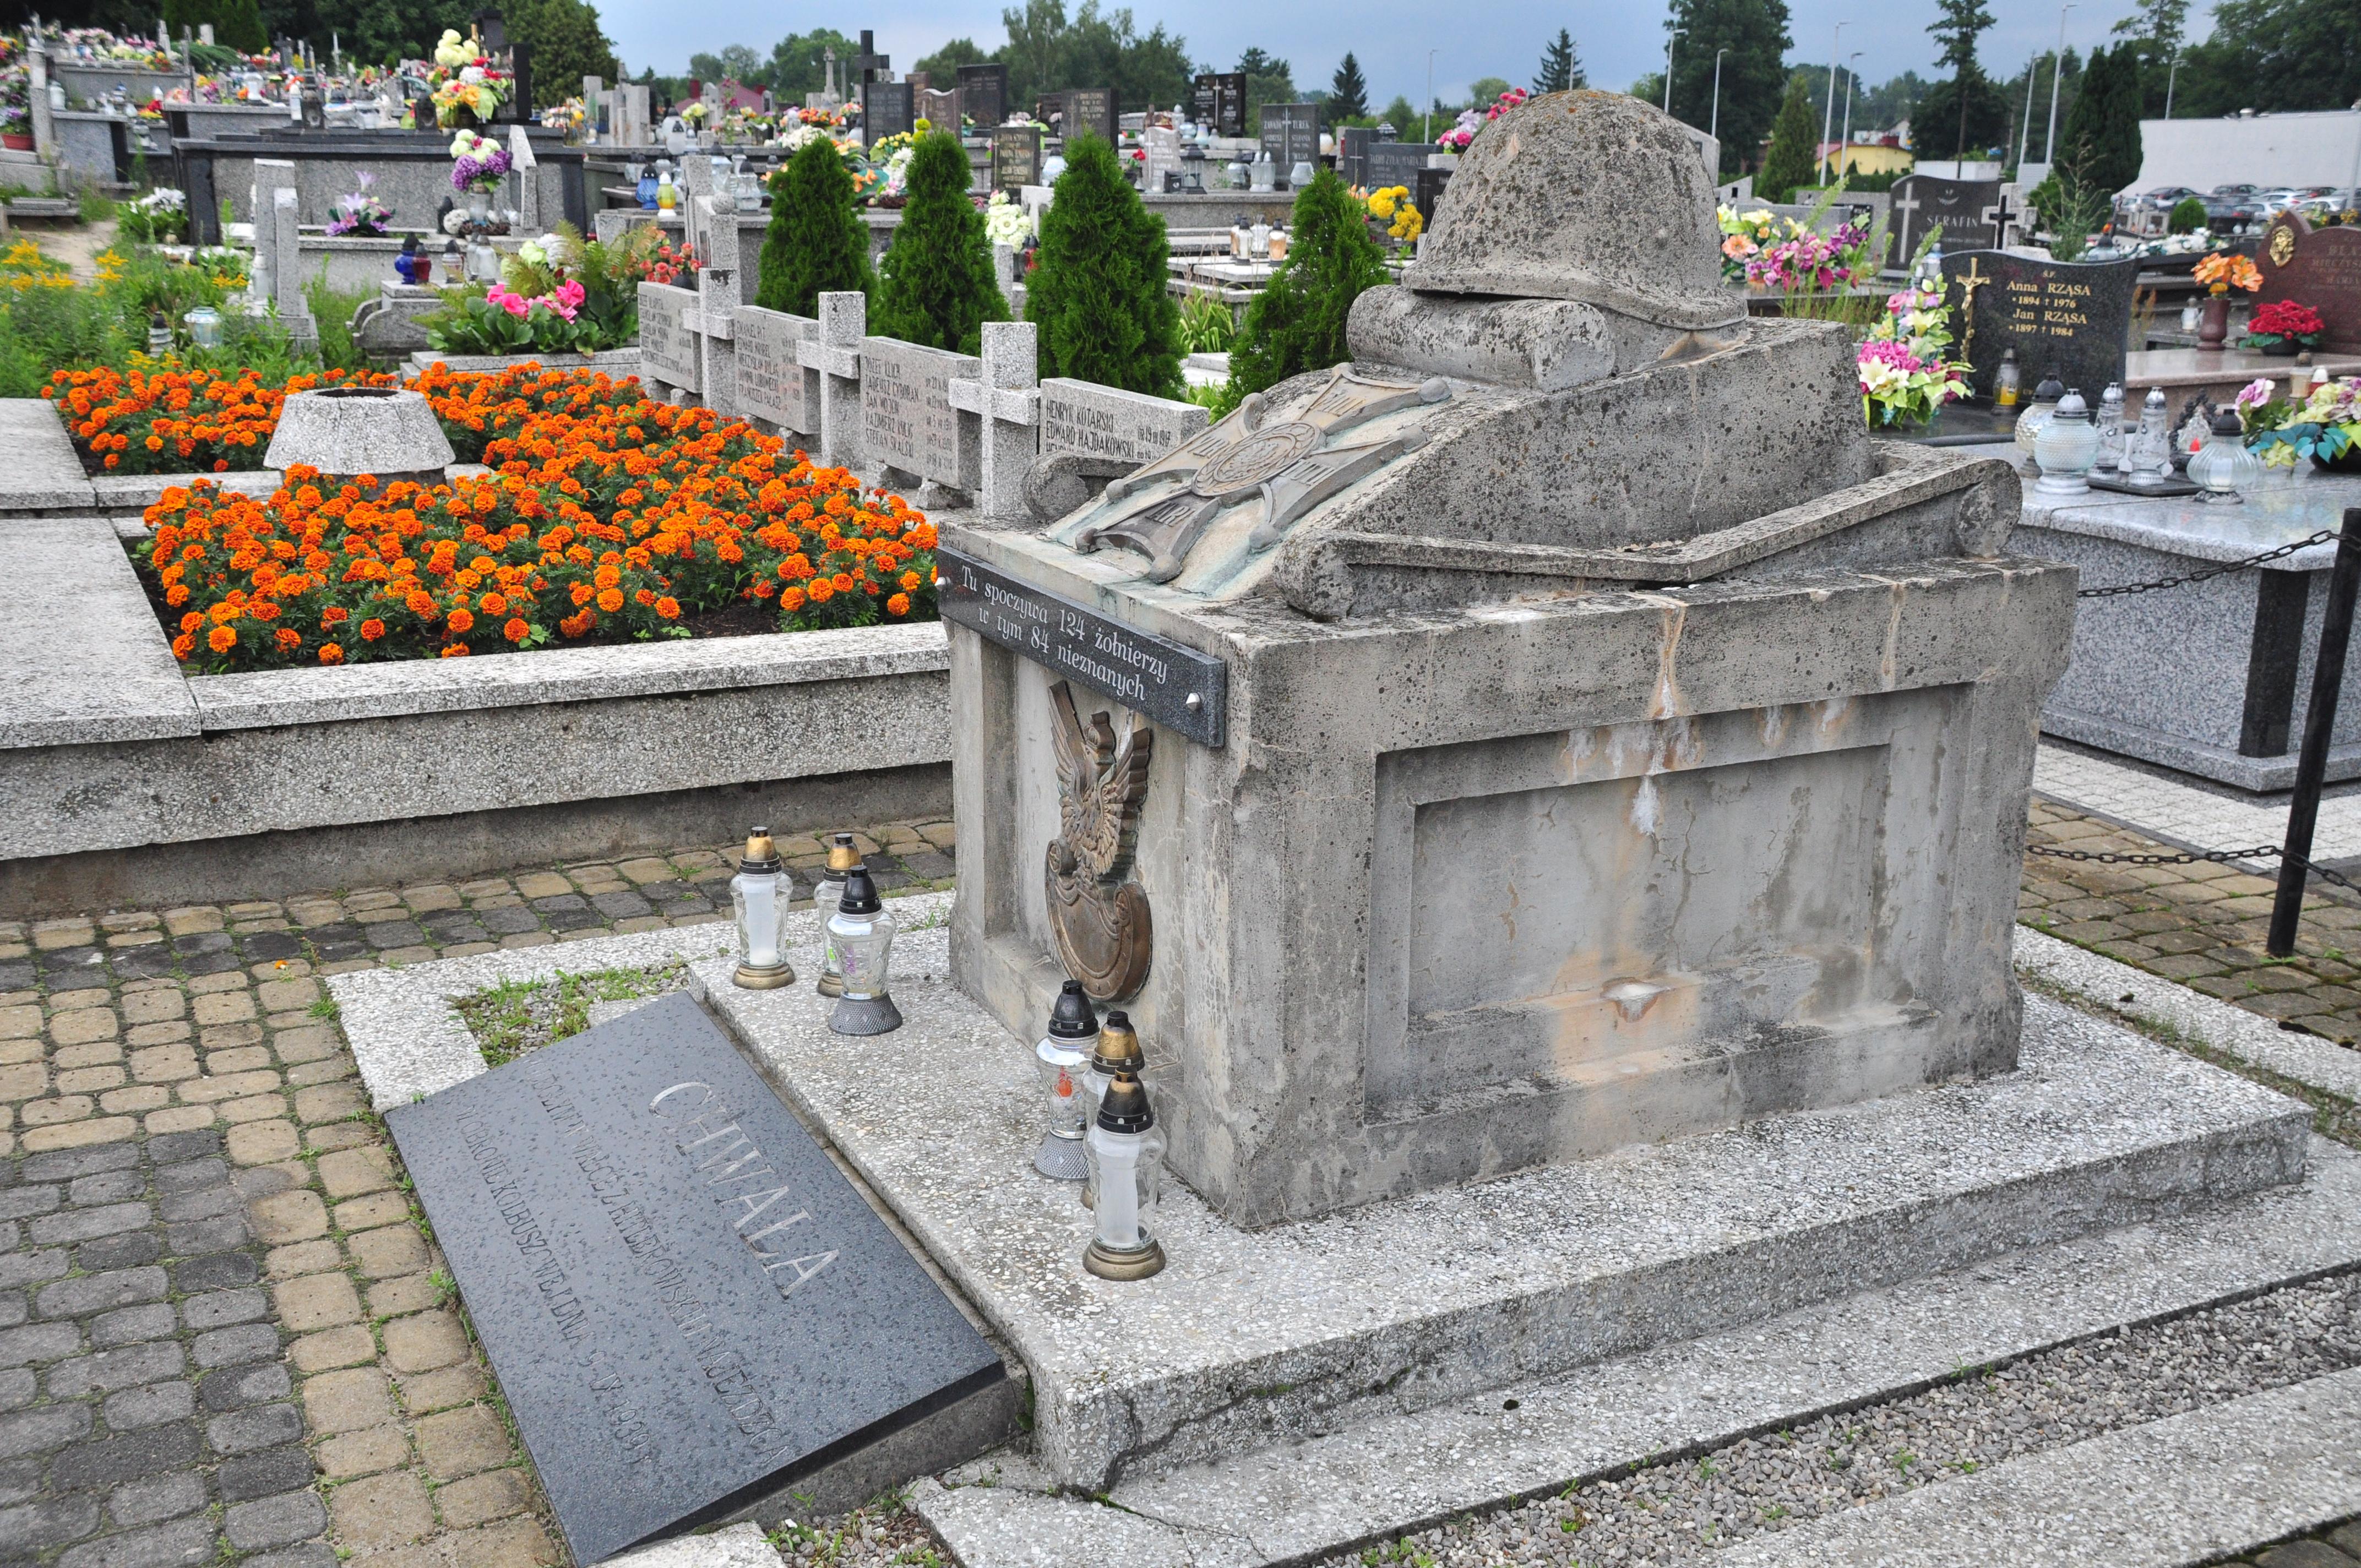 Gmina Kolbuszowa. Wygląda na to, że miejsce upamiętniające poległych żołnierzy będzie musiało jeszcze poczekać na potrzebny remont - Zdjęcie główne